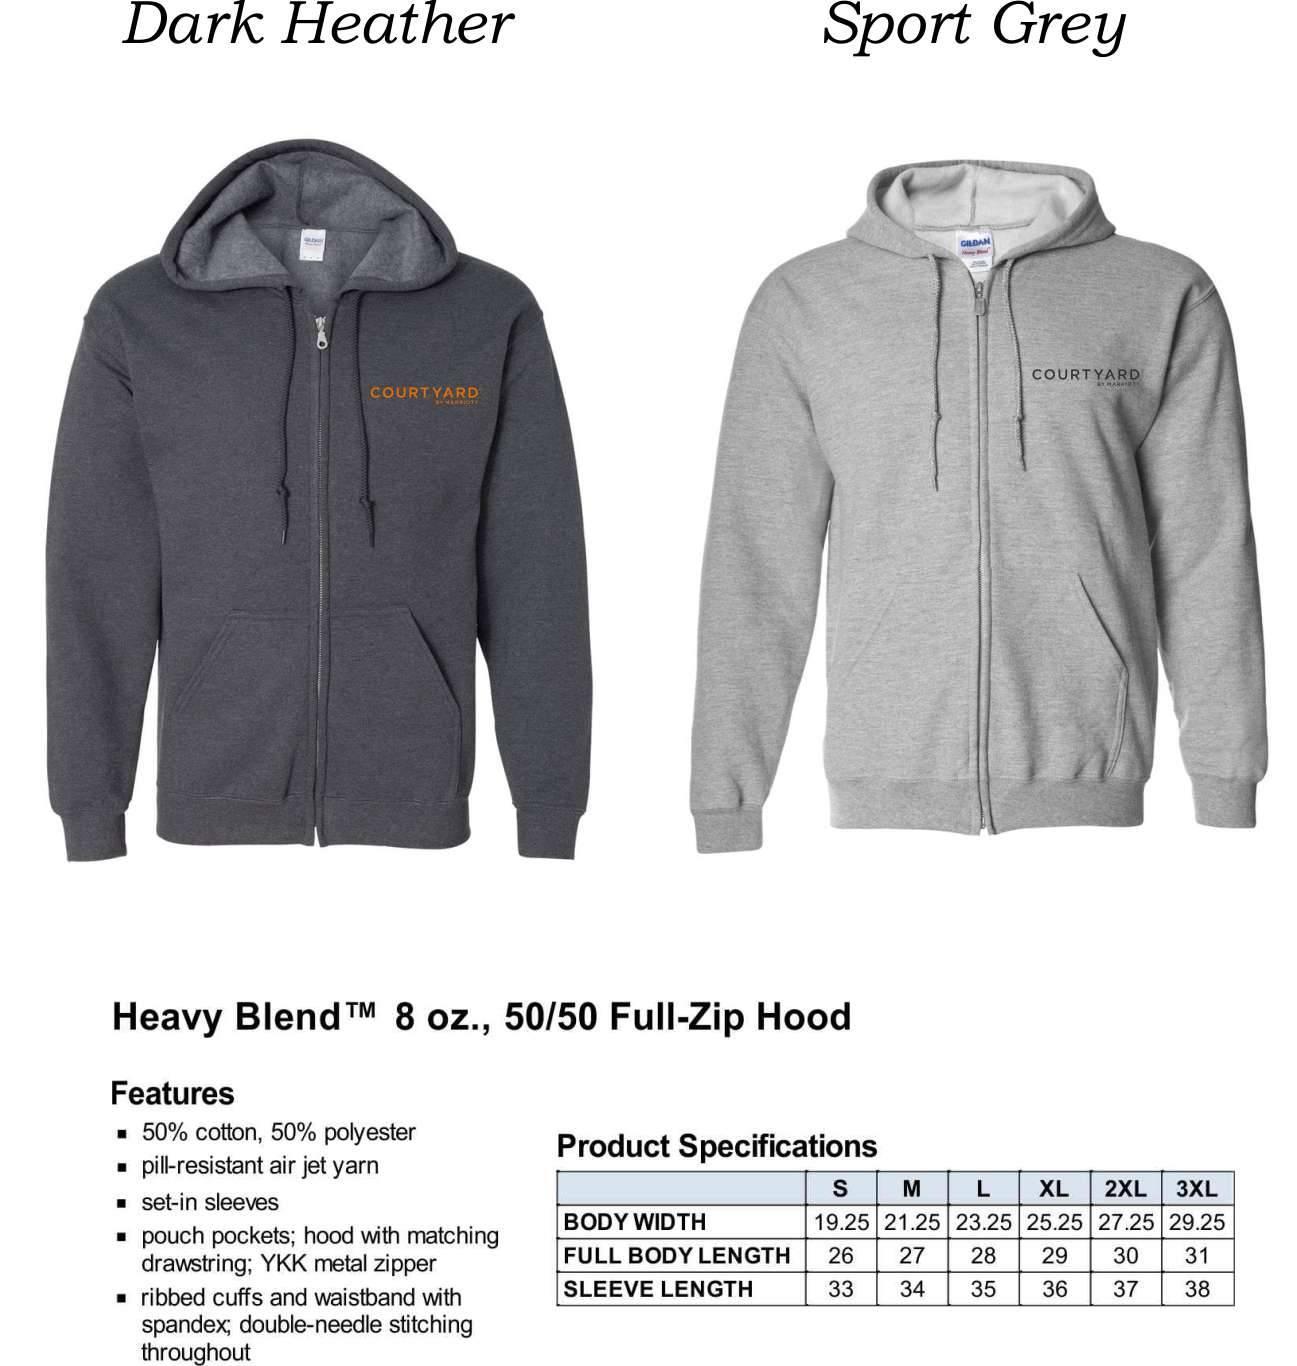 Zip-Up Hooded Fleece Sweatshirts | Heavyweight 50/50 Fabric | Silk-Screen Logo